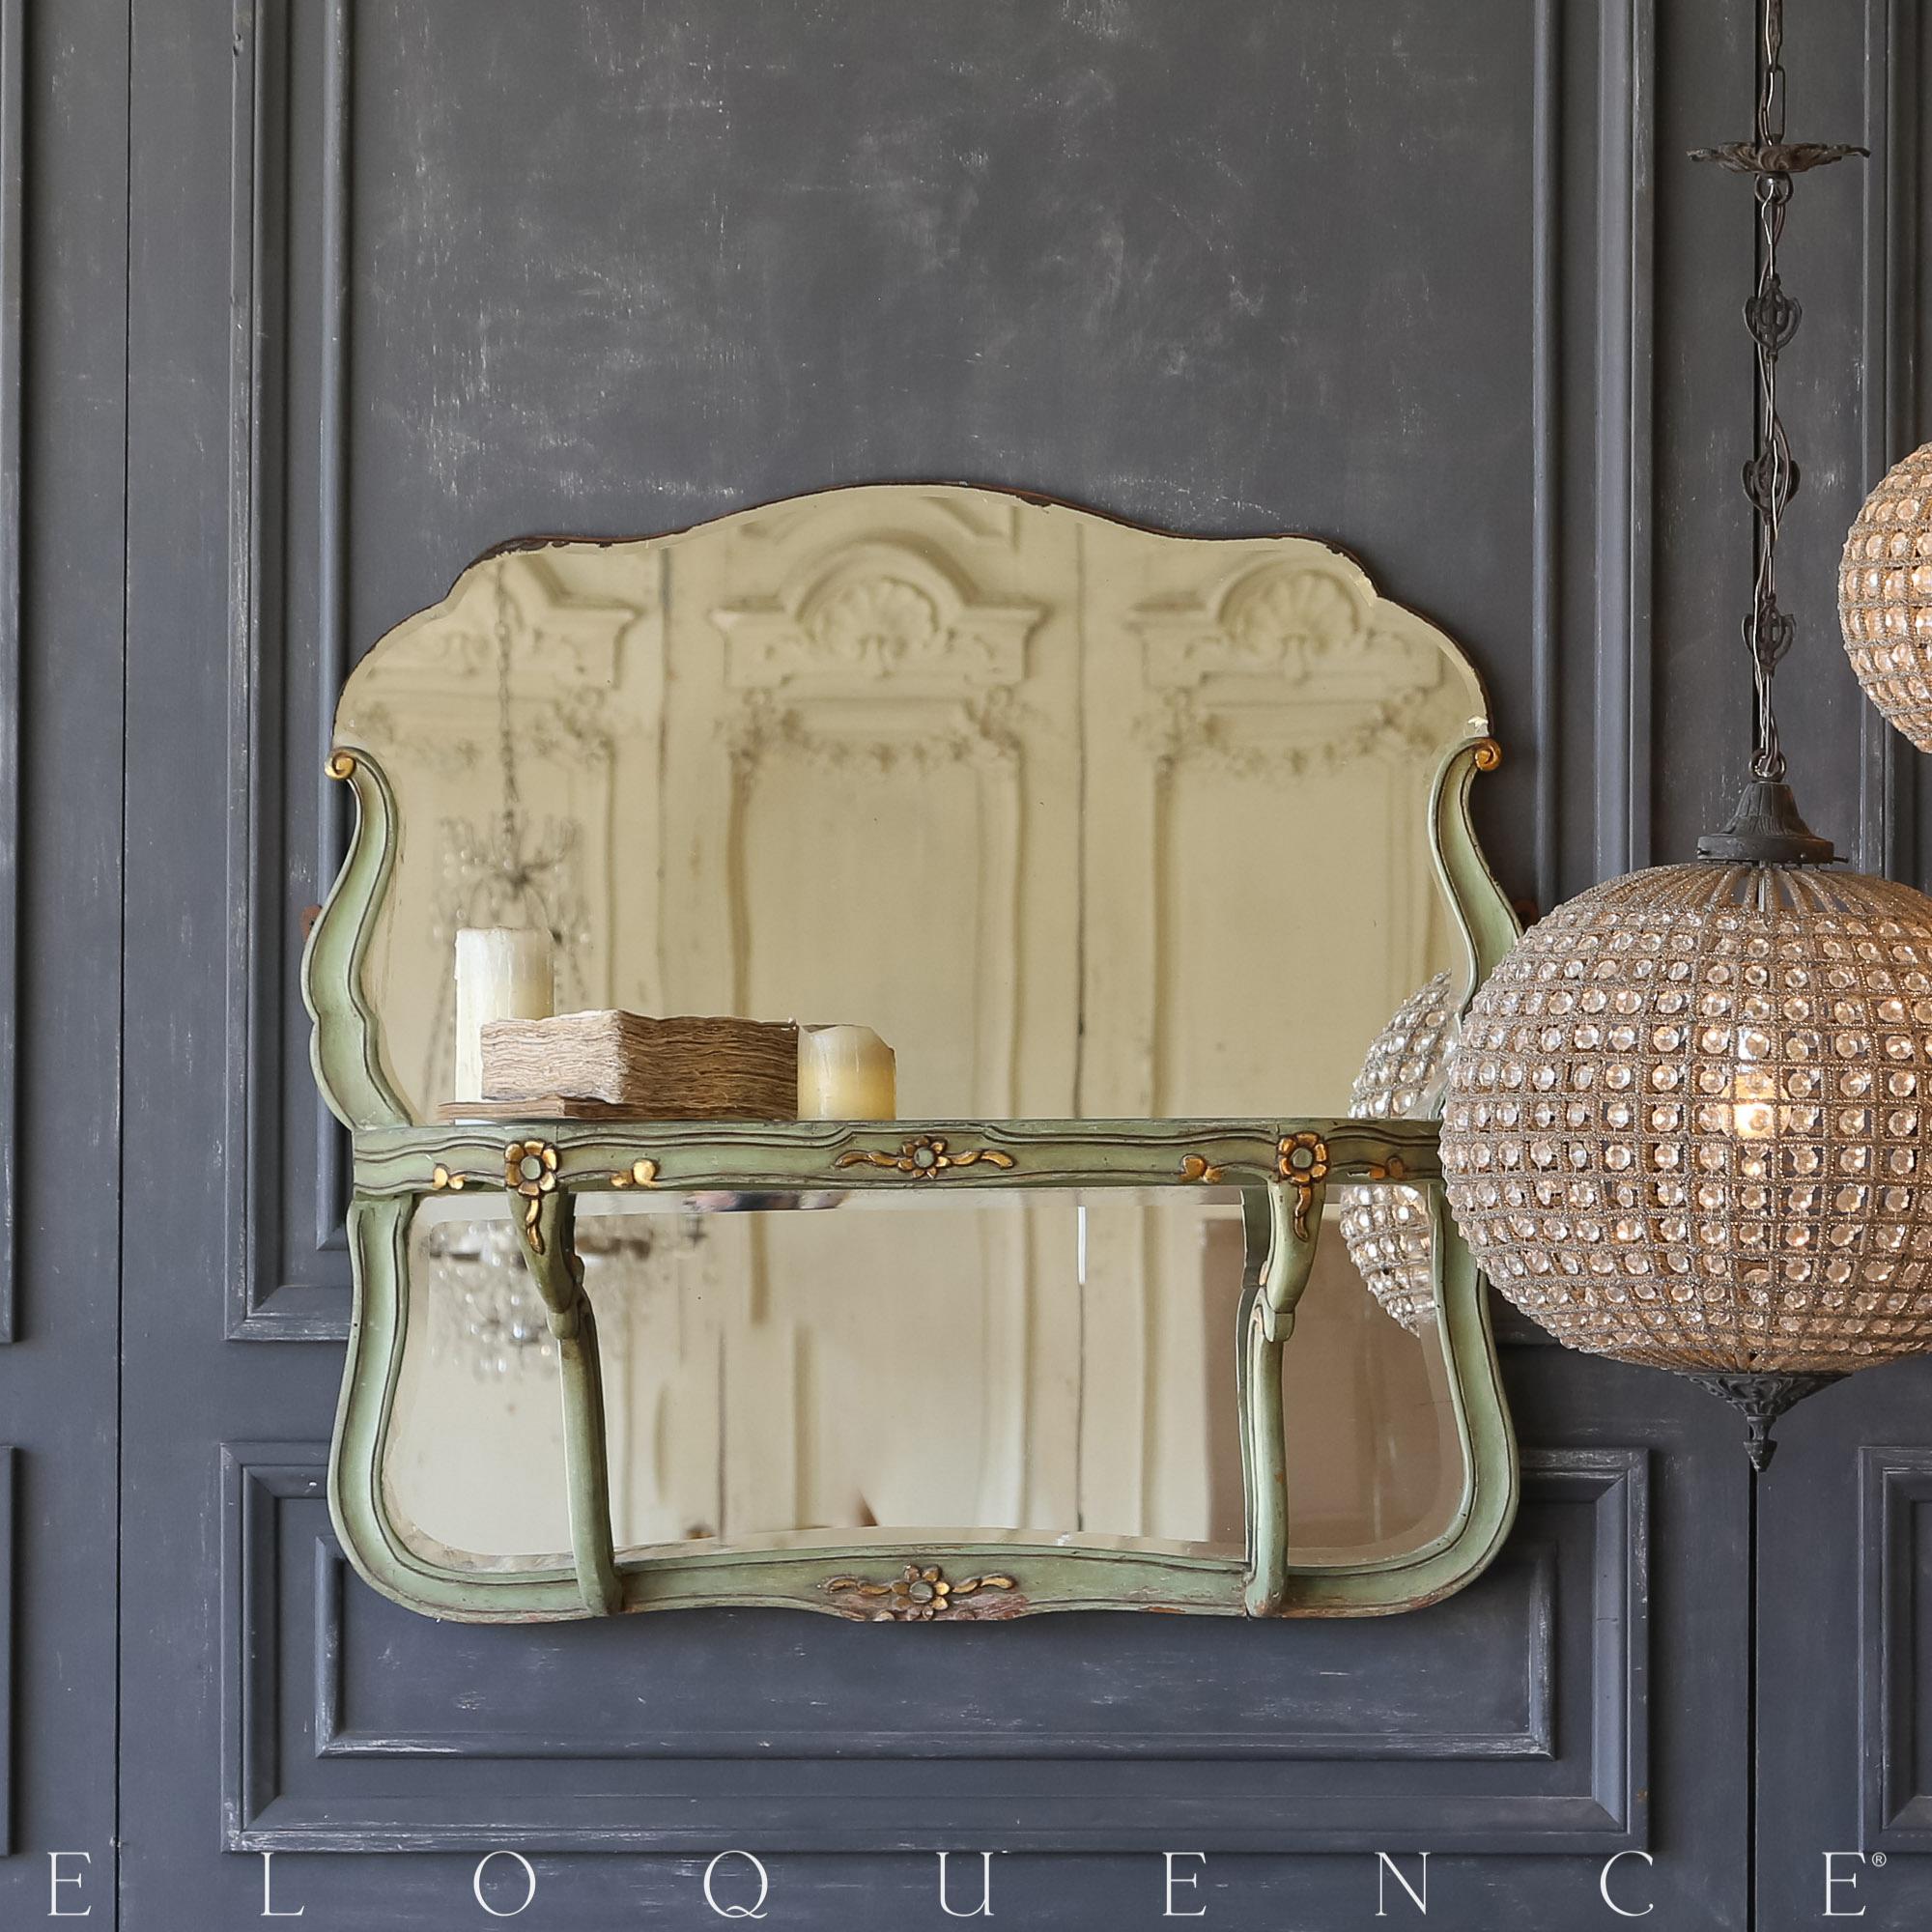 Eloquence® Vintage Fern Green Mirrored Shelf: 1940